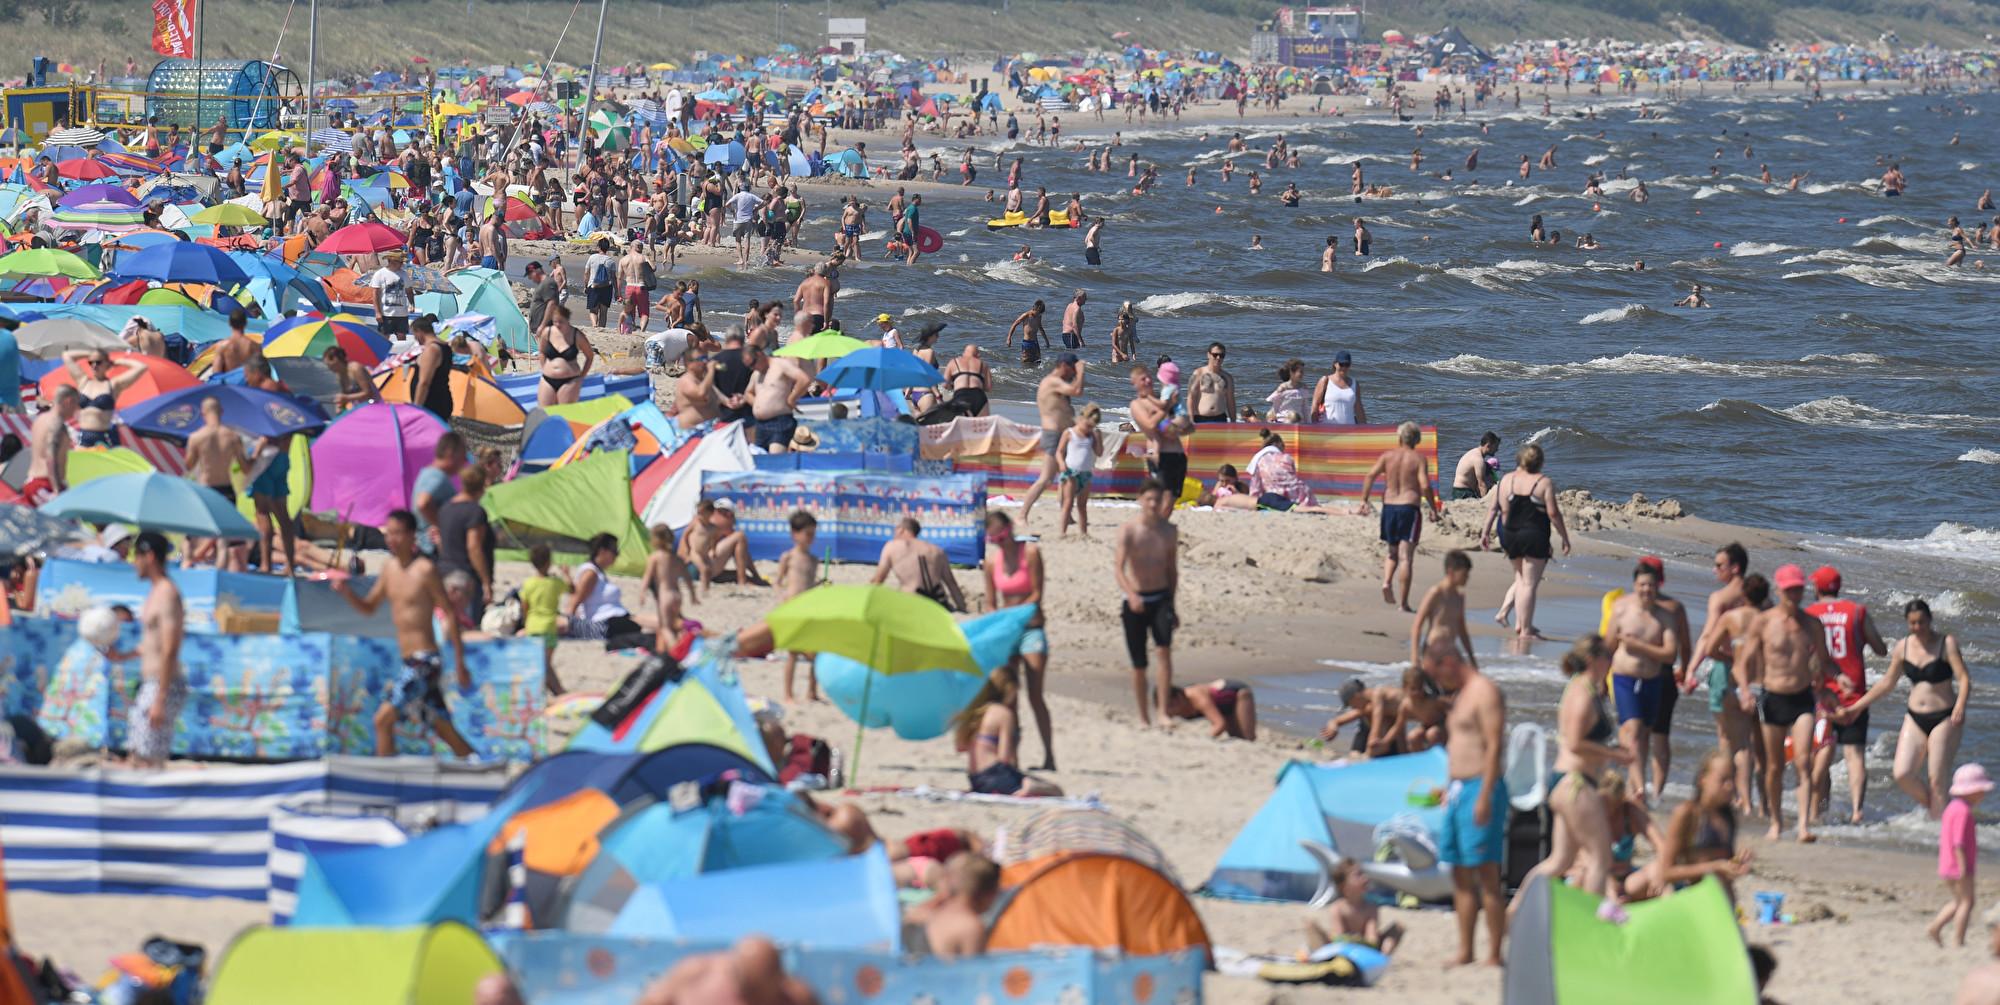 歐洲多國現在正遭受著罕見的夏季熱浪的襲擊。圖為德國波羅的海灘。(Stefan Sauer/dpa/AFP)